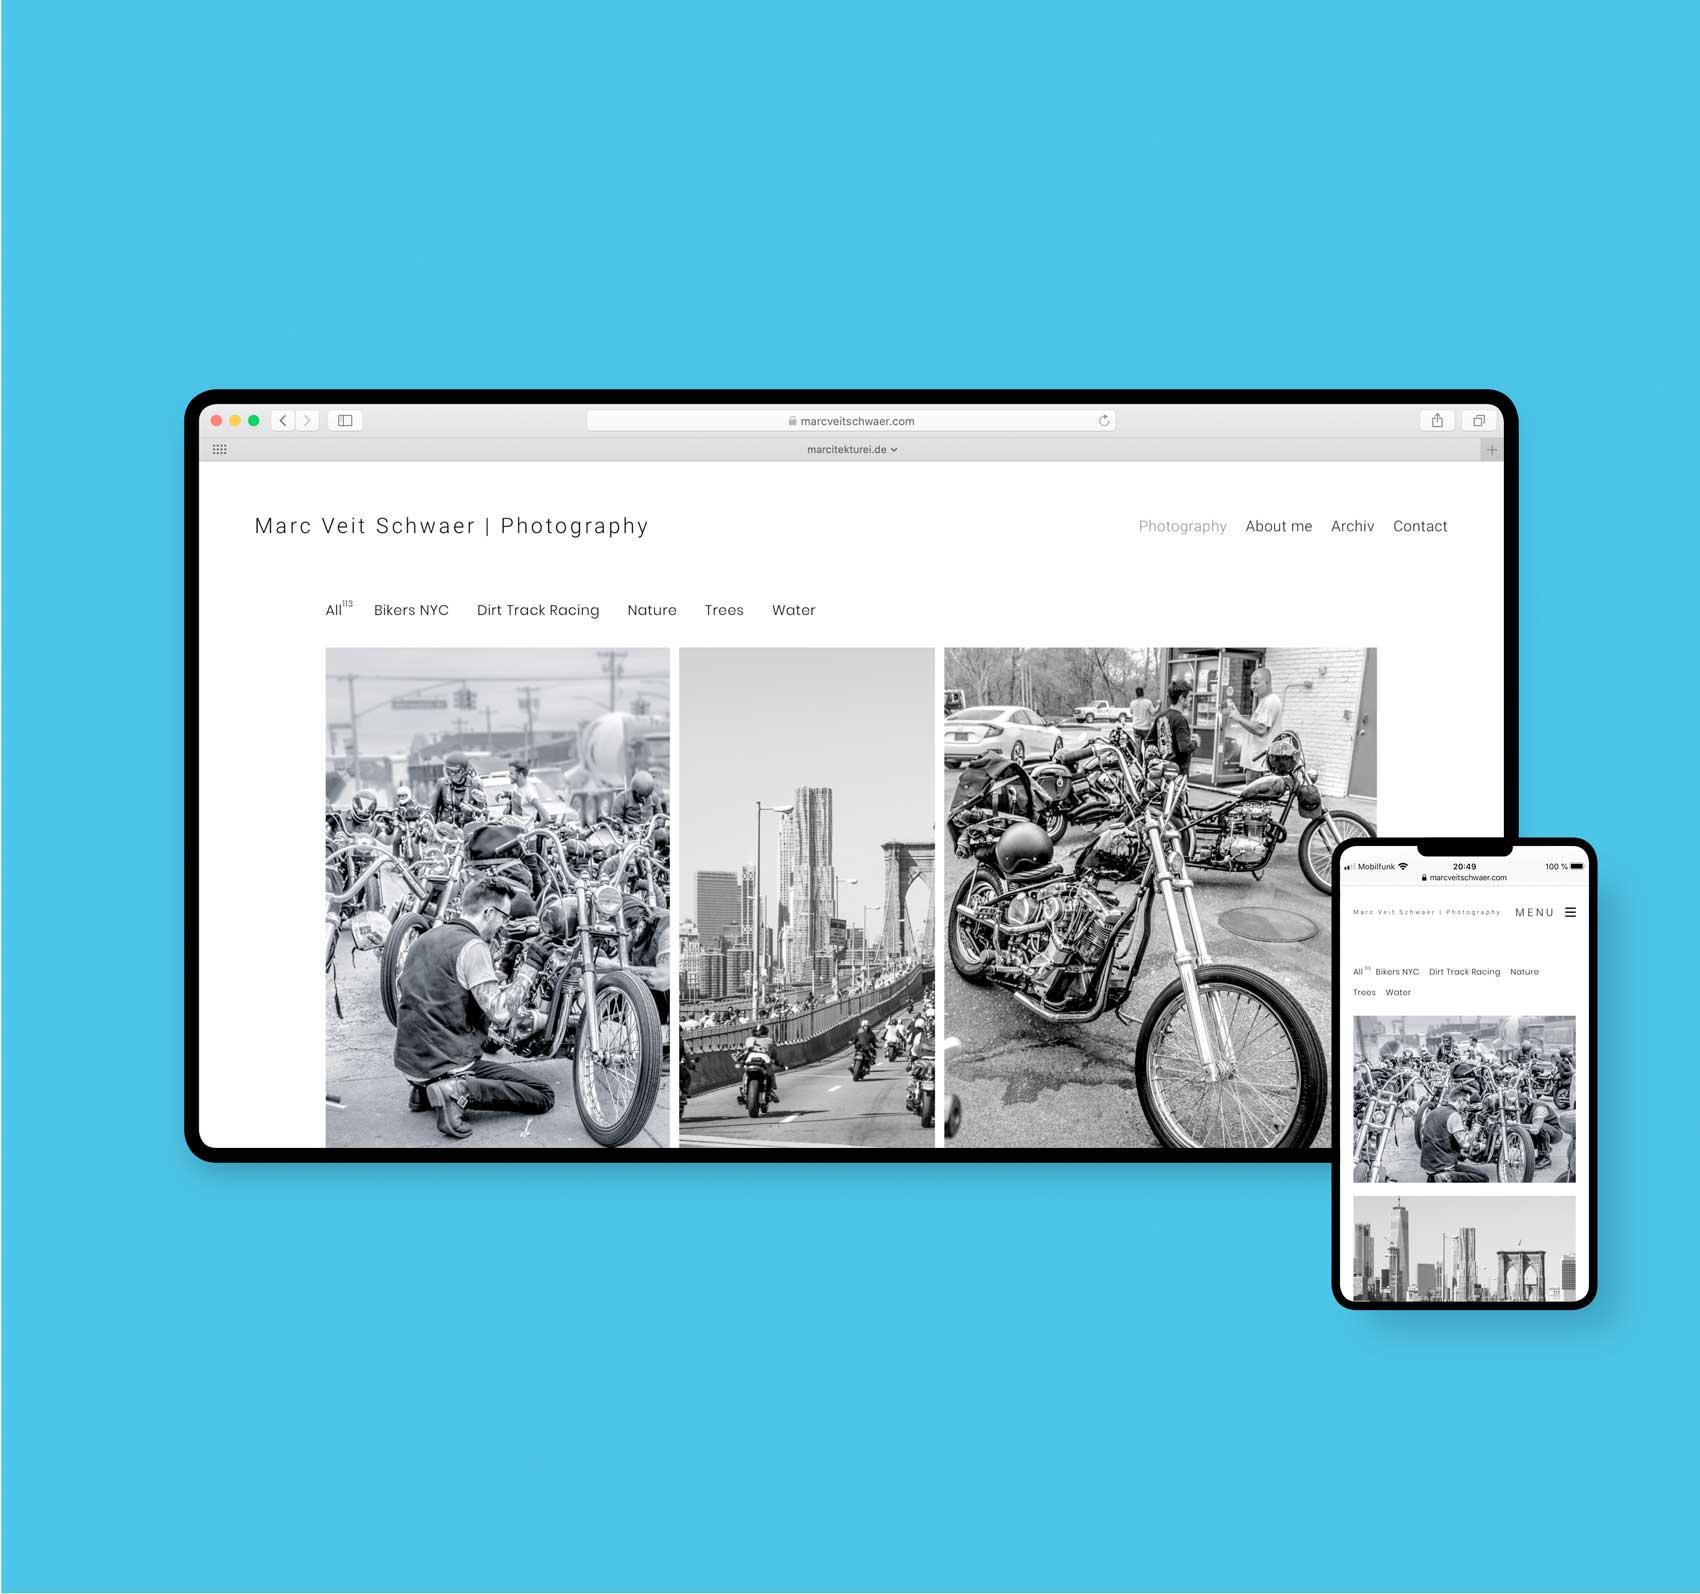 MARCITEKTUREI webdesign | marcveitschwaer.com